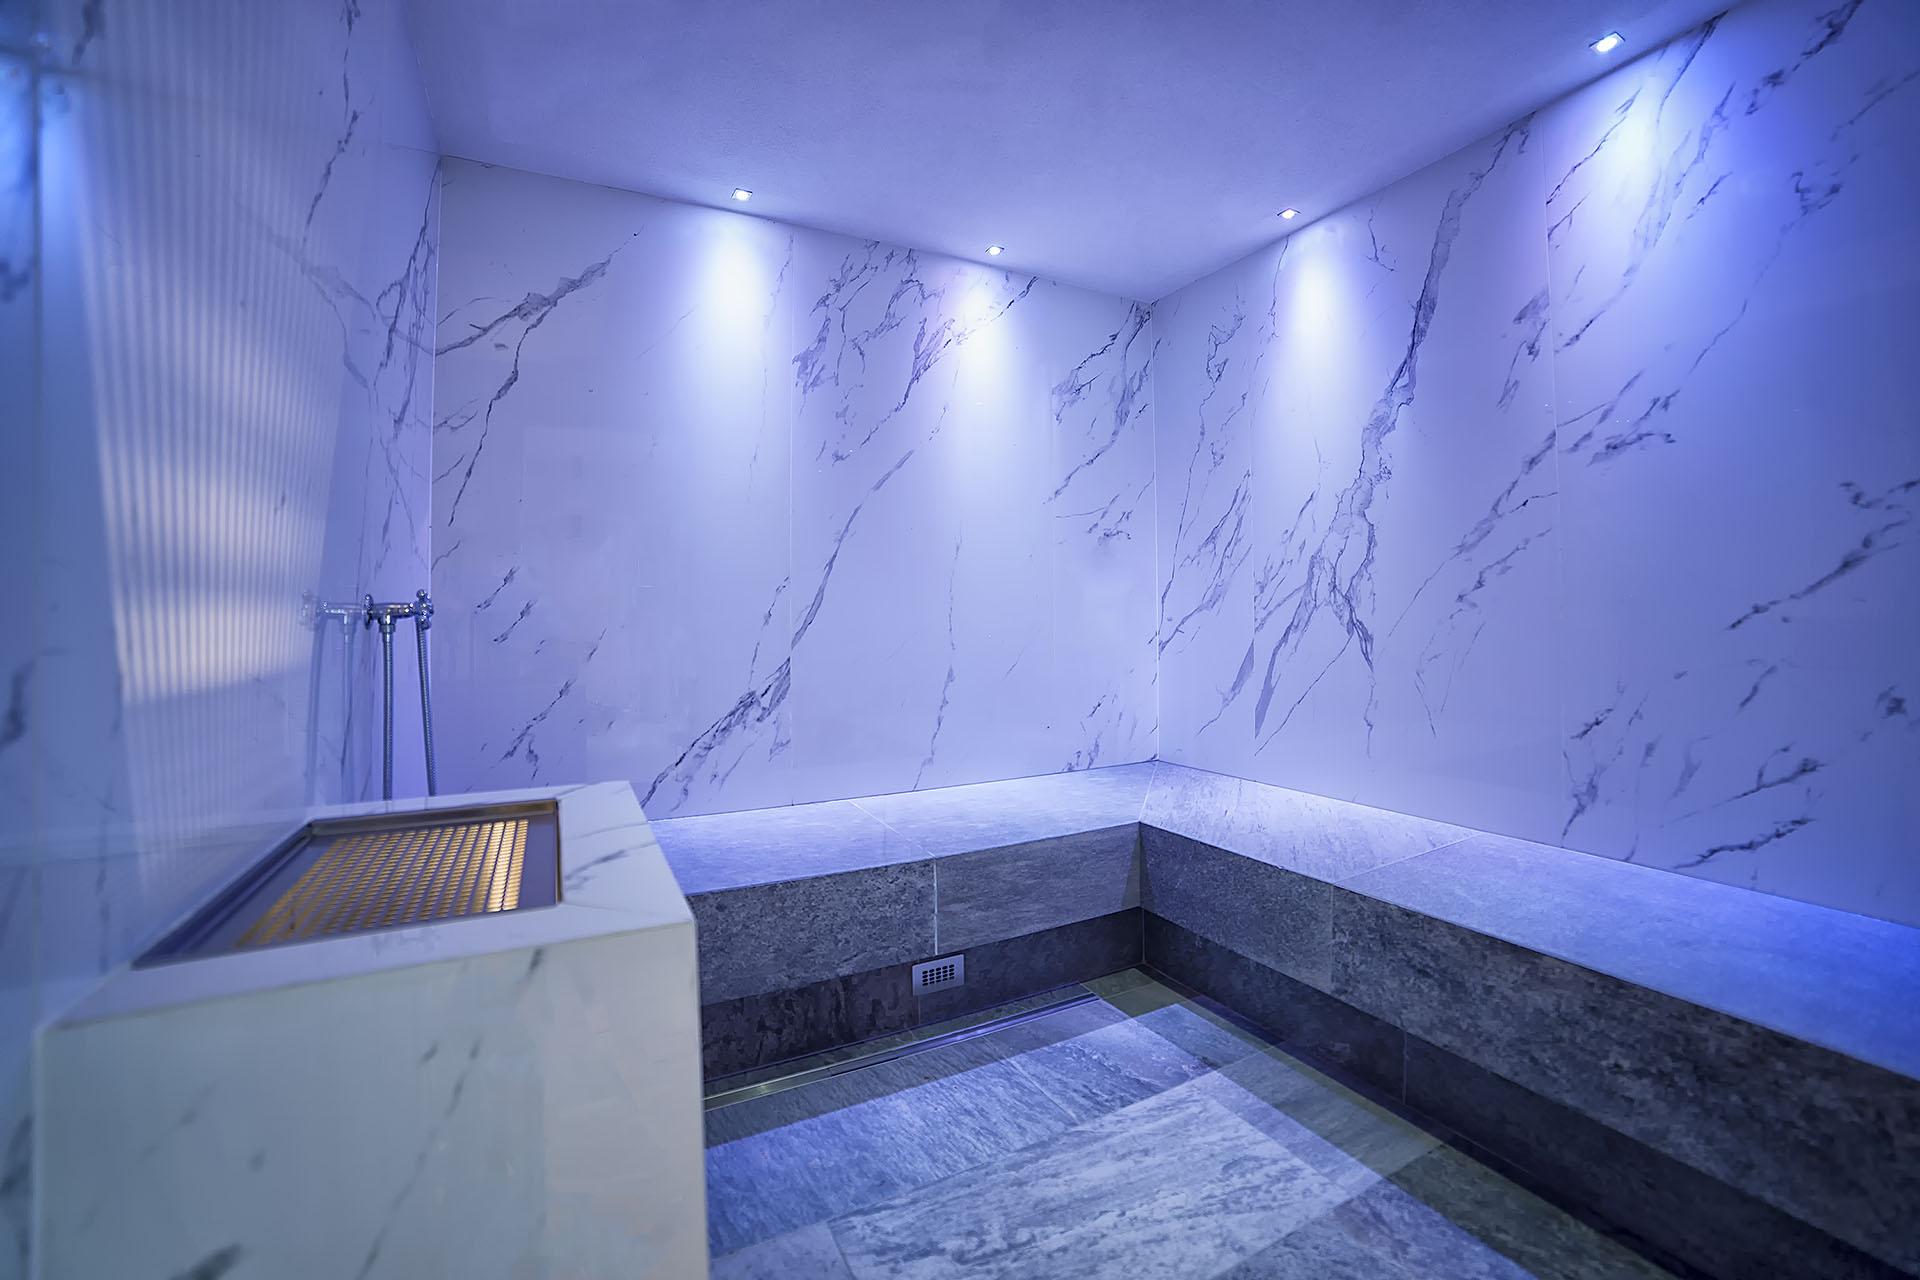 TURKISH BATH <br> HOTEL BURGAUNERHOF - VAL MARTELLO